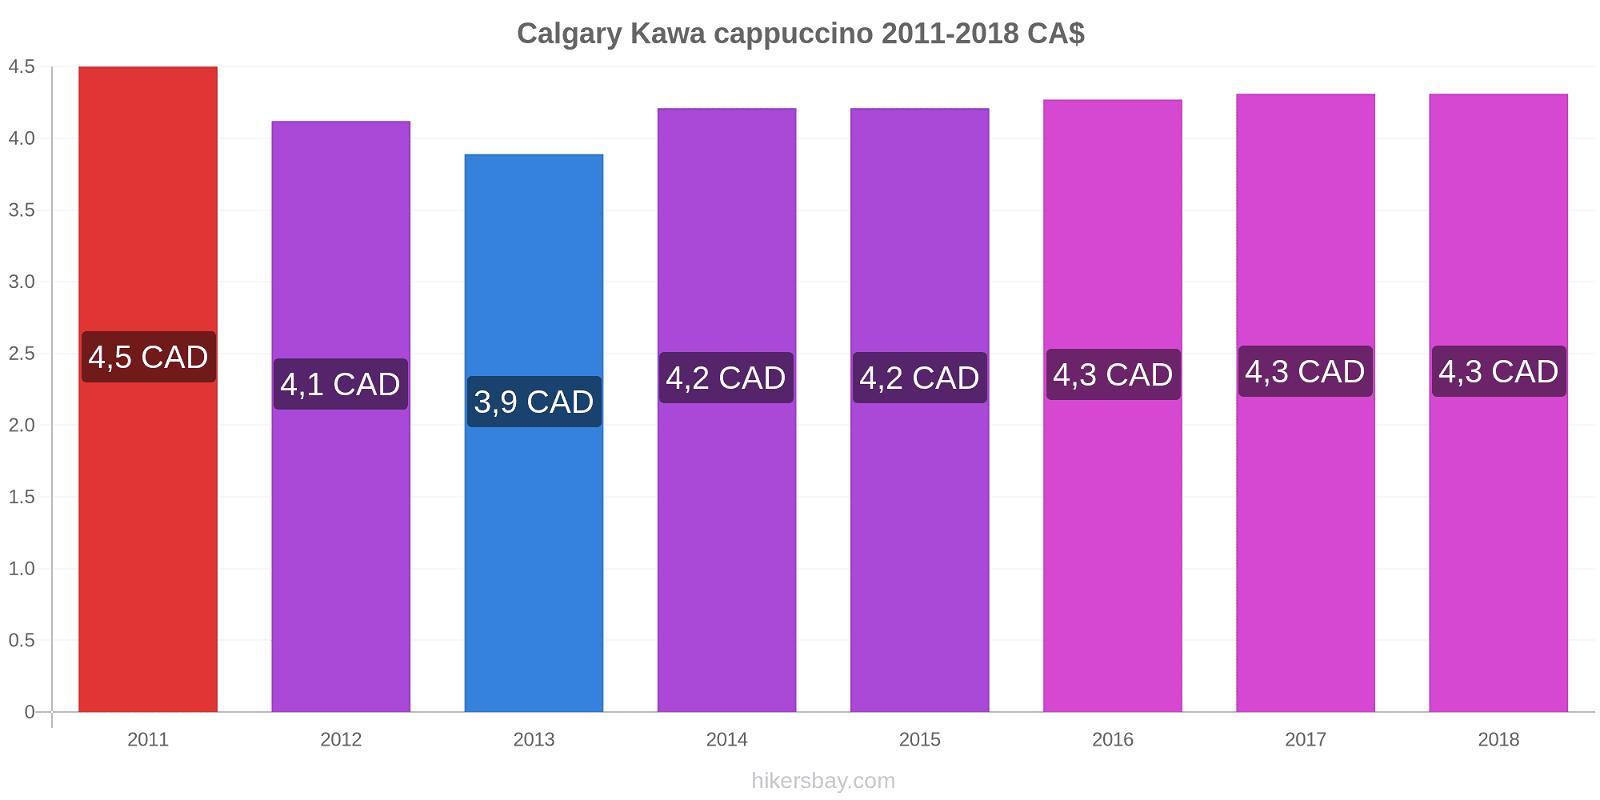 Calgary zmiany cen Kawa cappuccino hikersbay.com